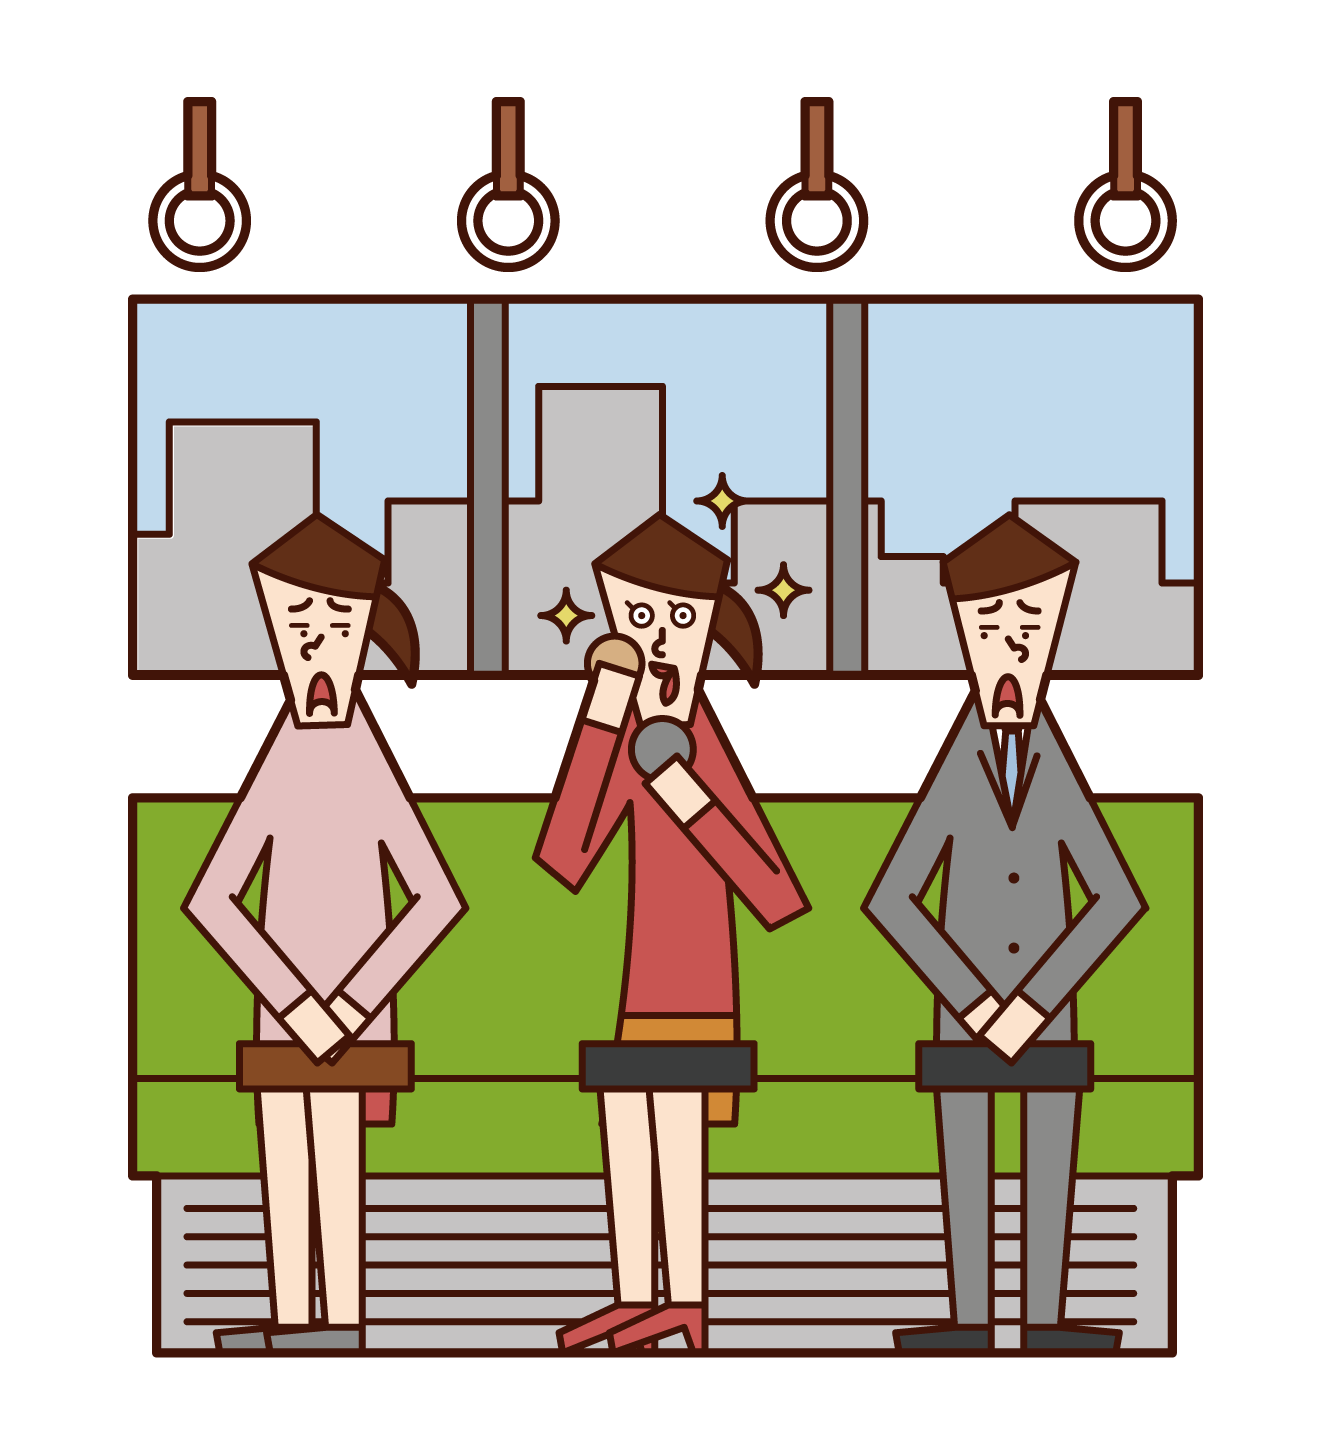 在火車上化妝的人(女性)的插圖